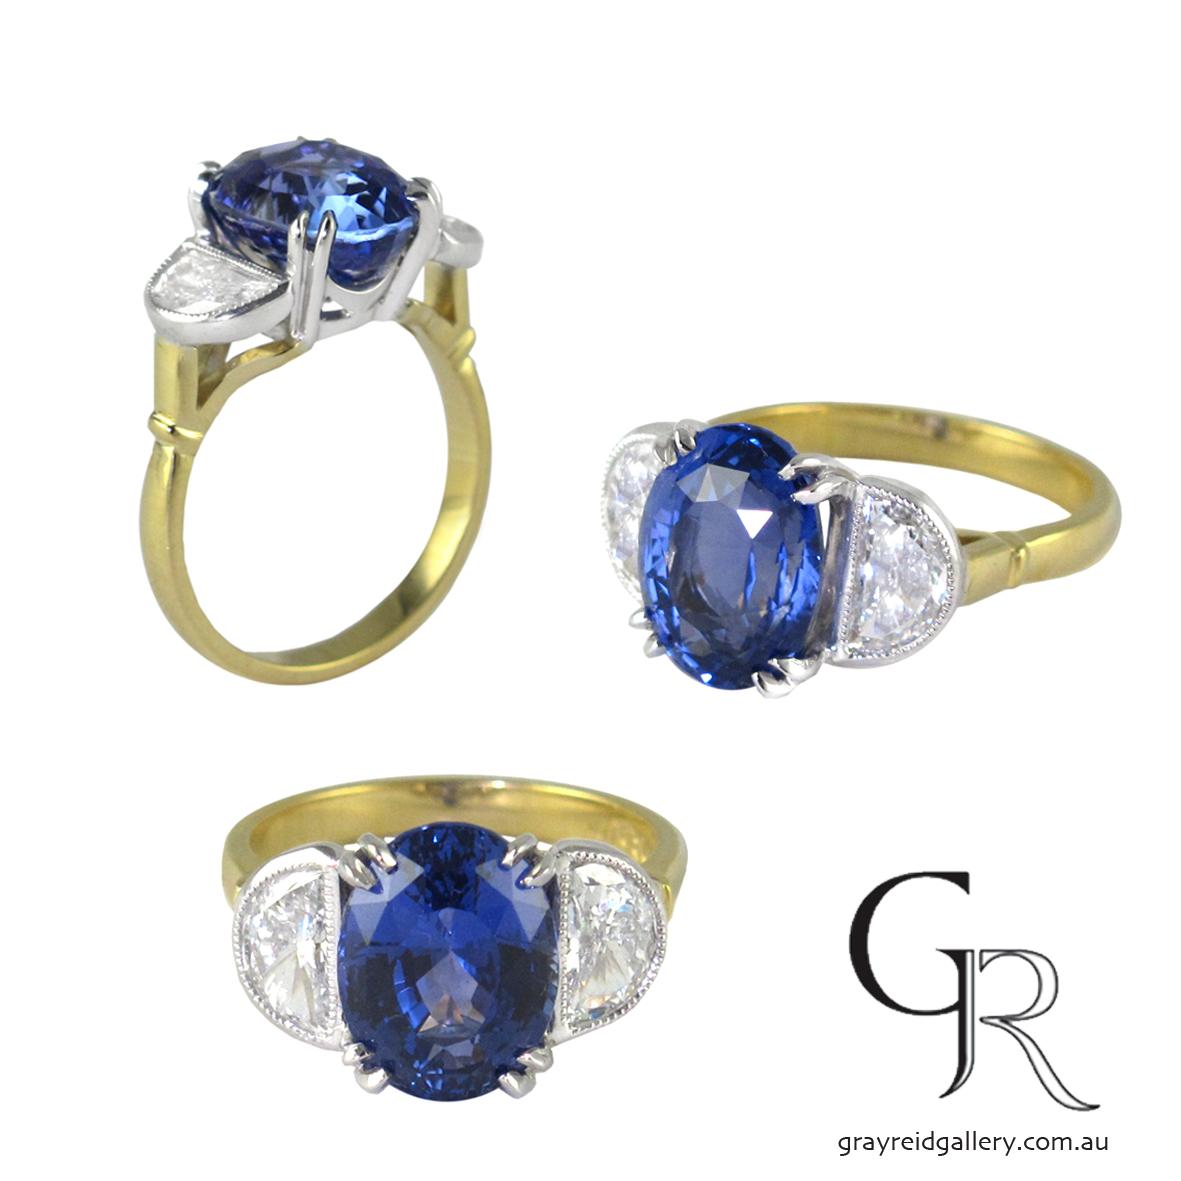 A Bespoke Sapphire & Diamond by Gray Reid Gallery